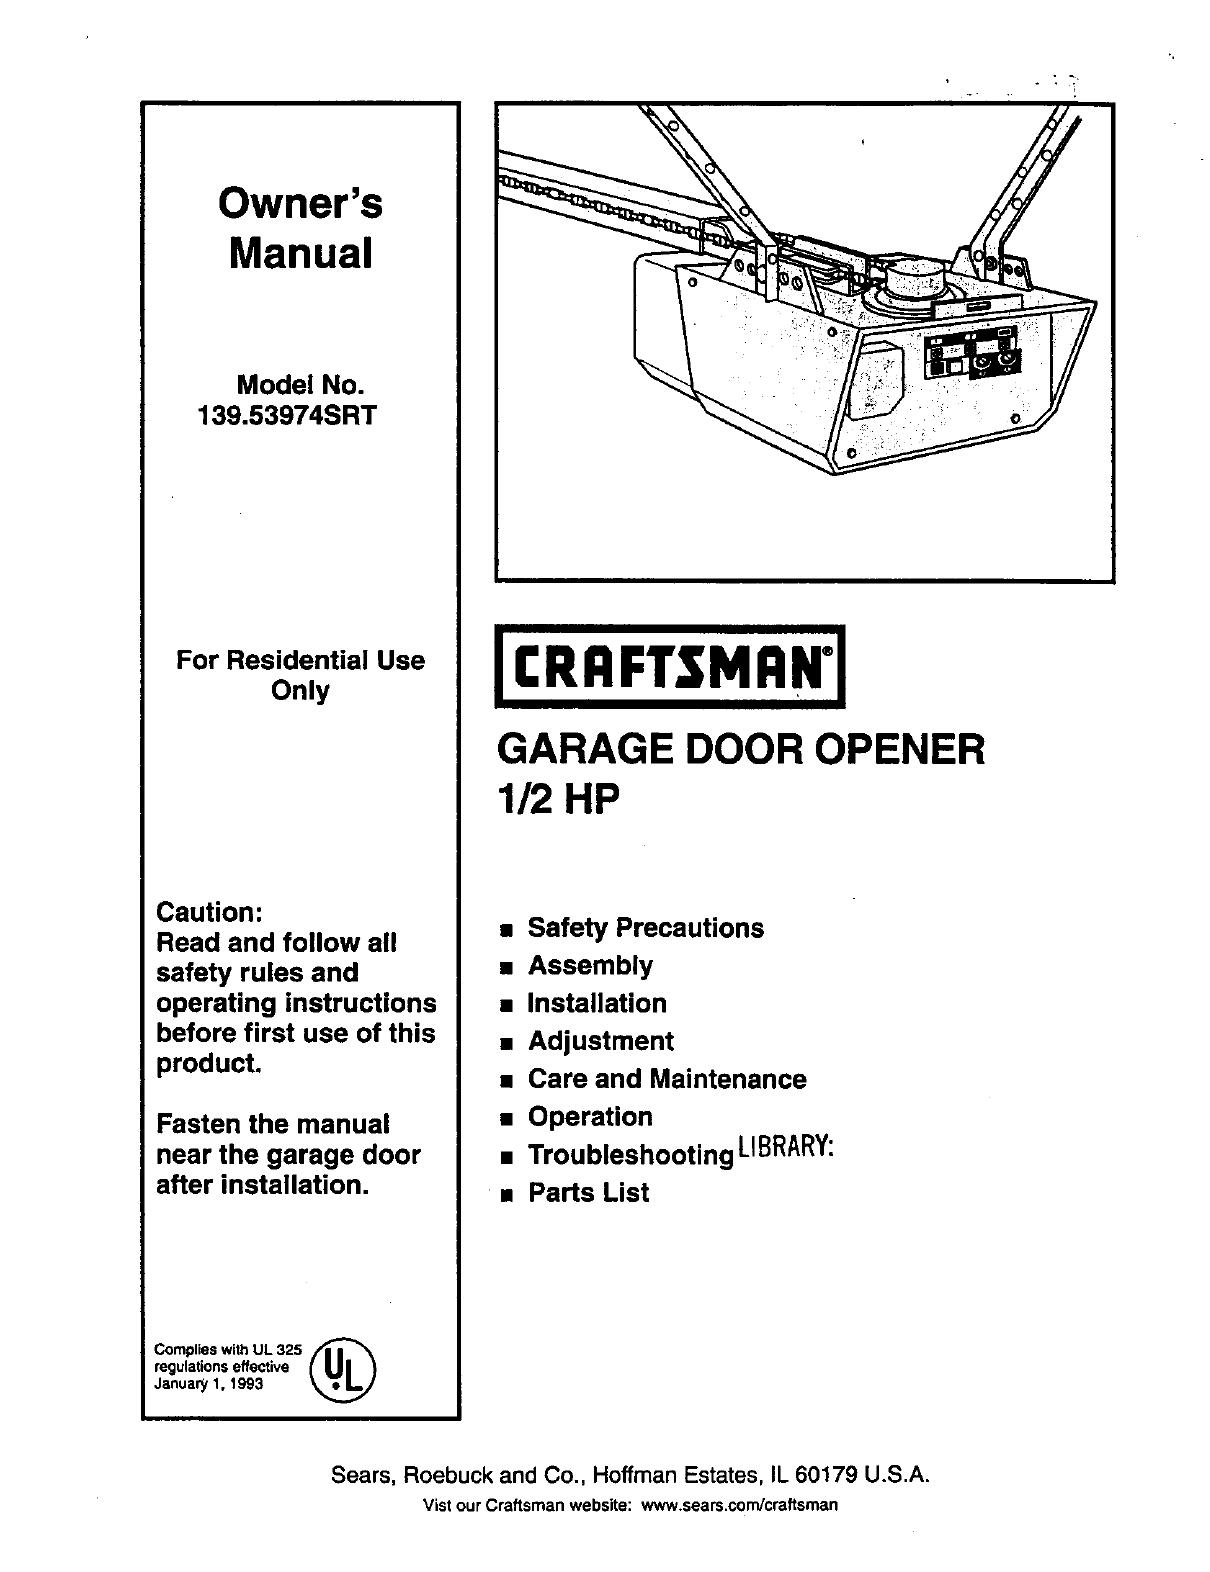 Craftsman 13953974srt User Manual Garage Door Opener Manuals And